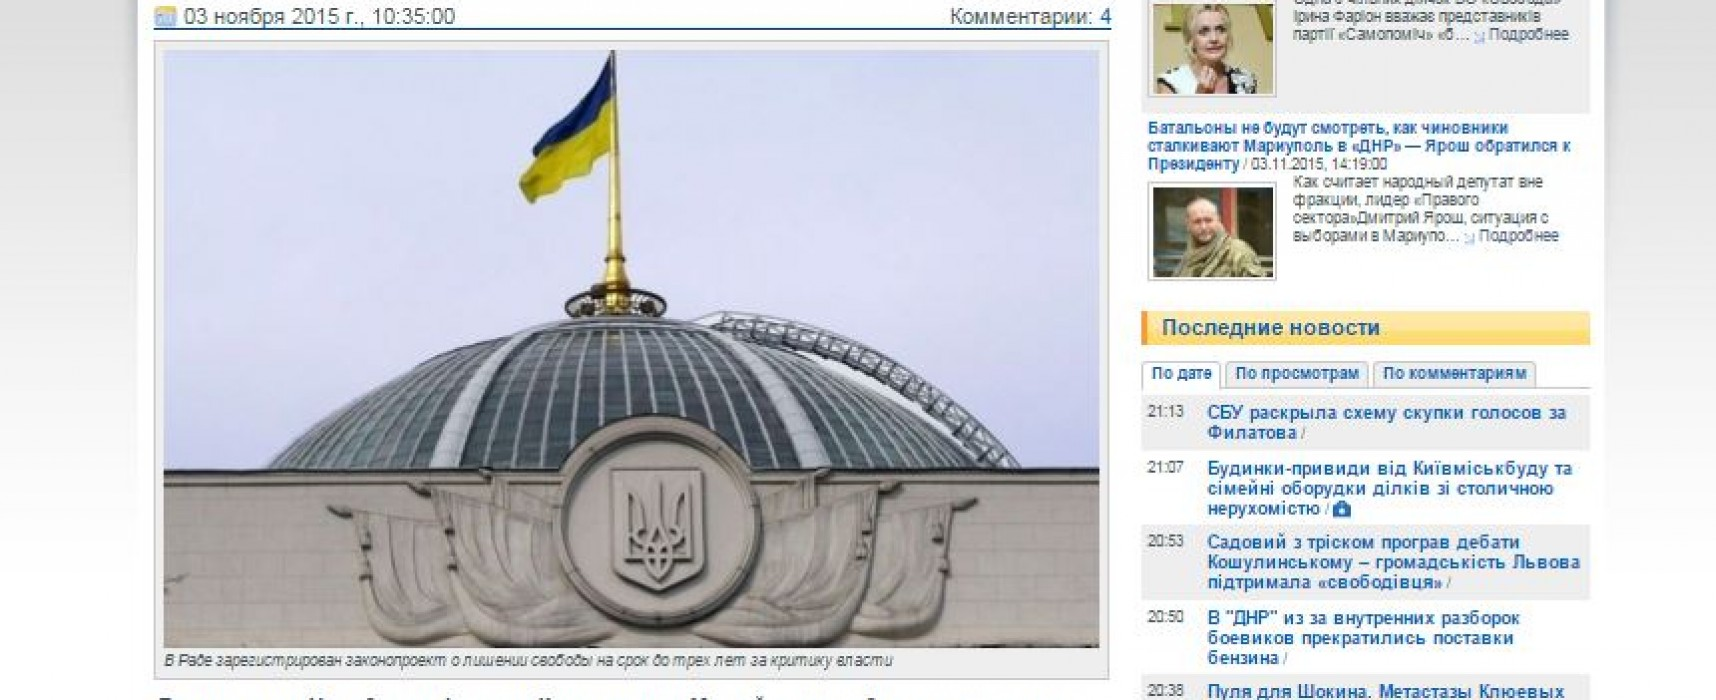 Fake: Wet op Kritiek ingediend in het Oekraïense parlement